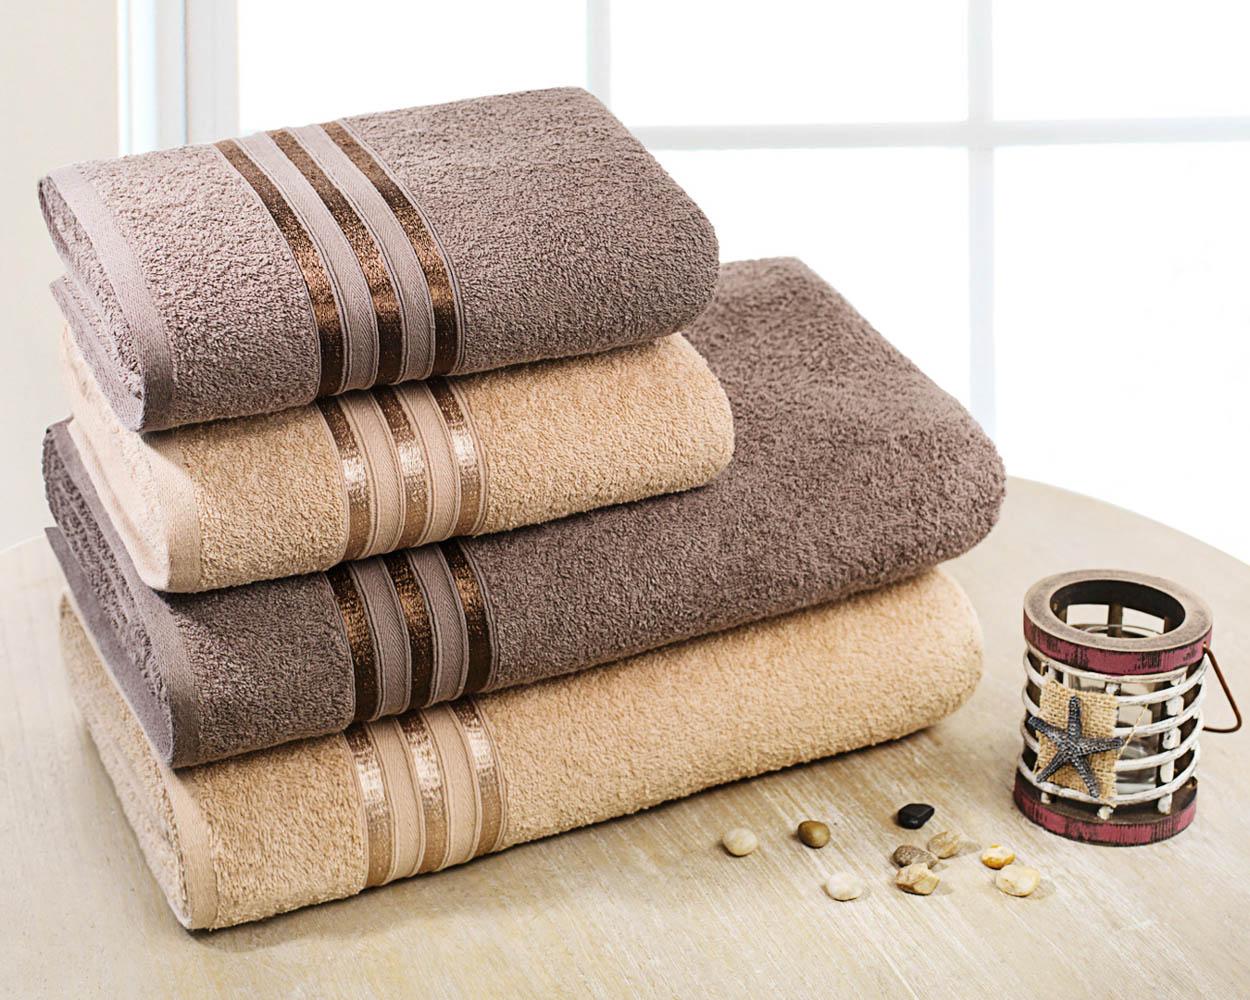 Полотенца Dome Набор из 4 полотенец Harmonika Цвет: Бежевый/Коричневый полотенца кухонные la pastel набор полотенец 4 предмета из микрофибры 30х30